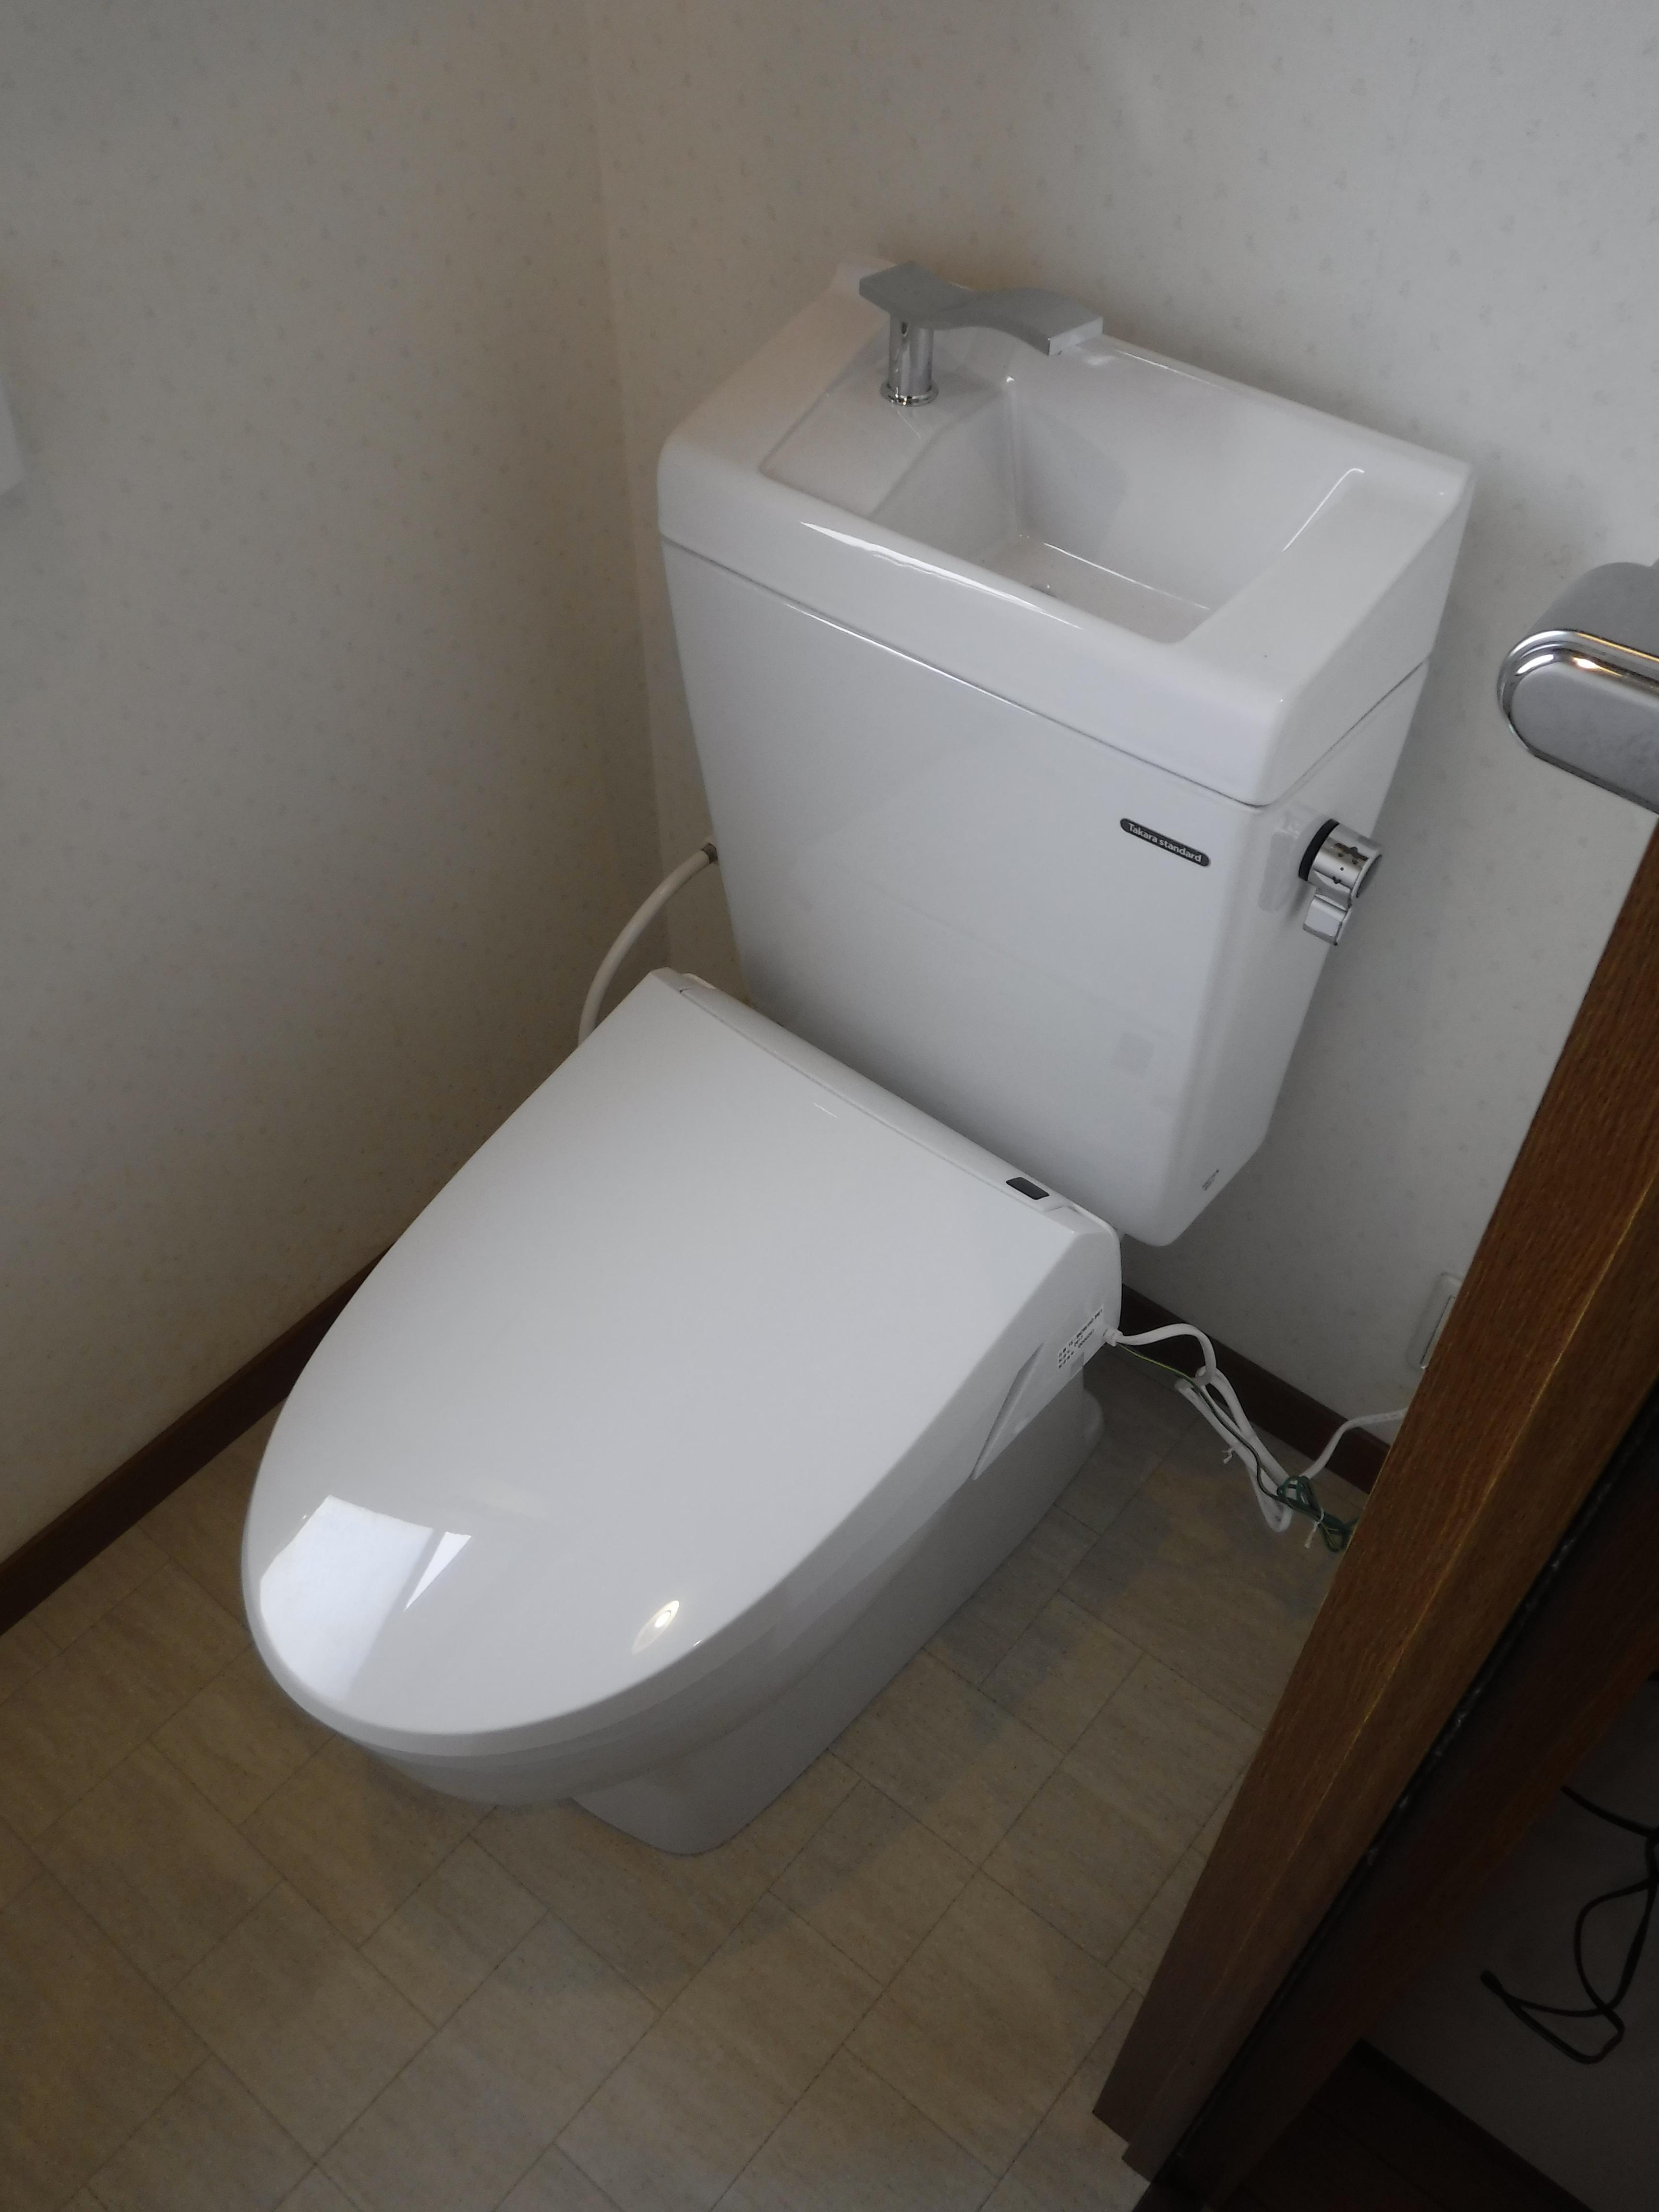 2Fのトイレも漏れてた・・・一緒に!